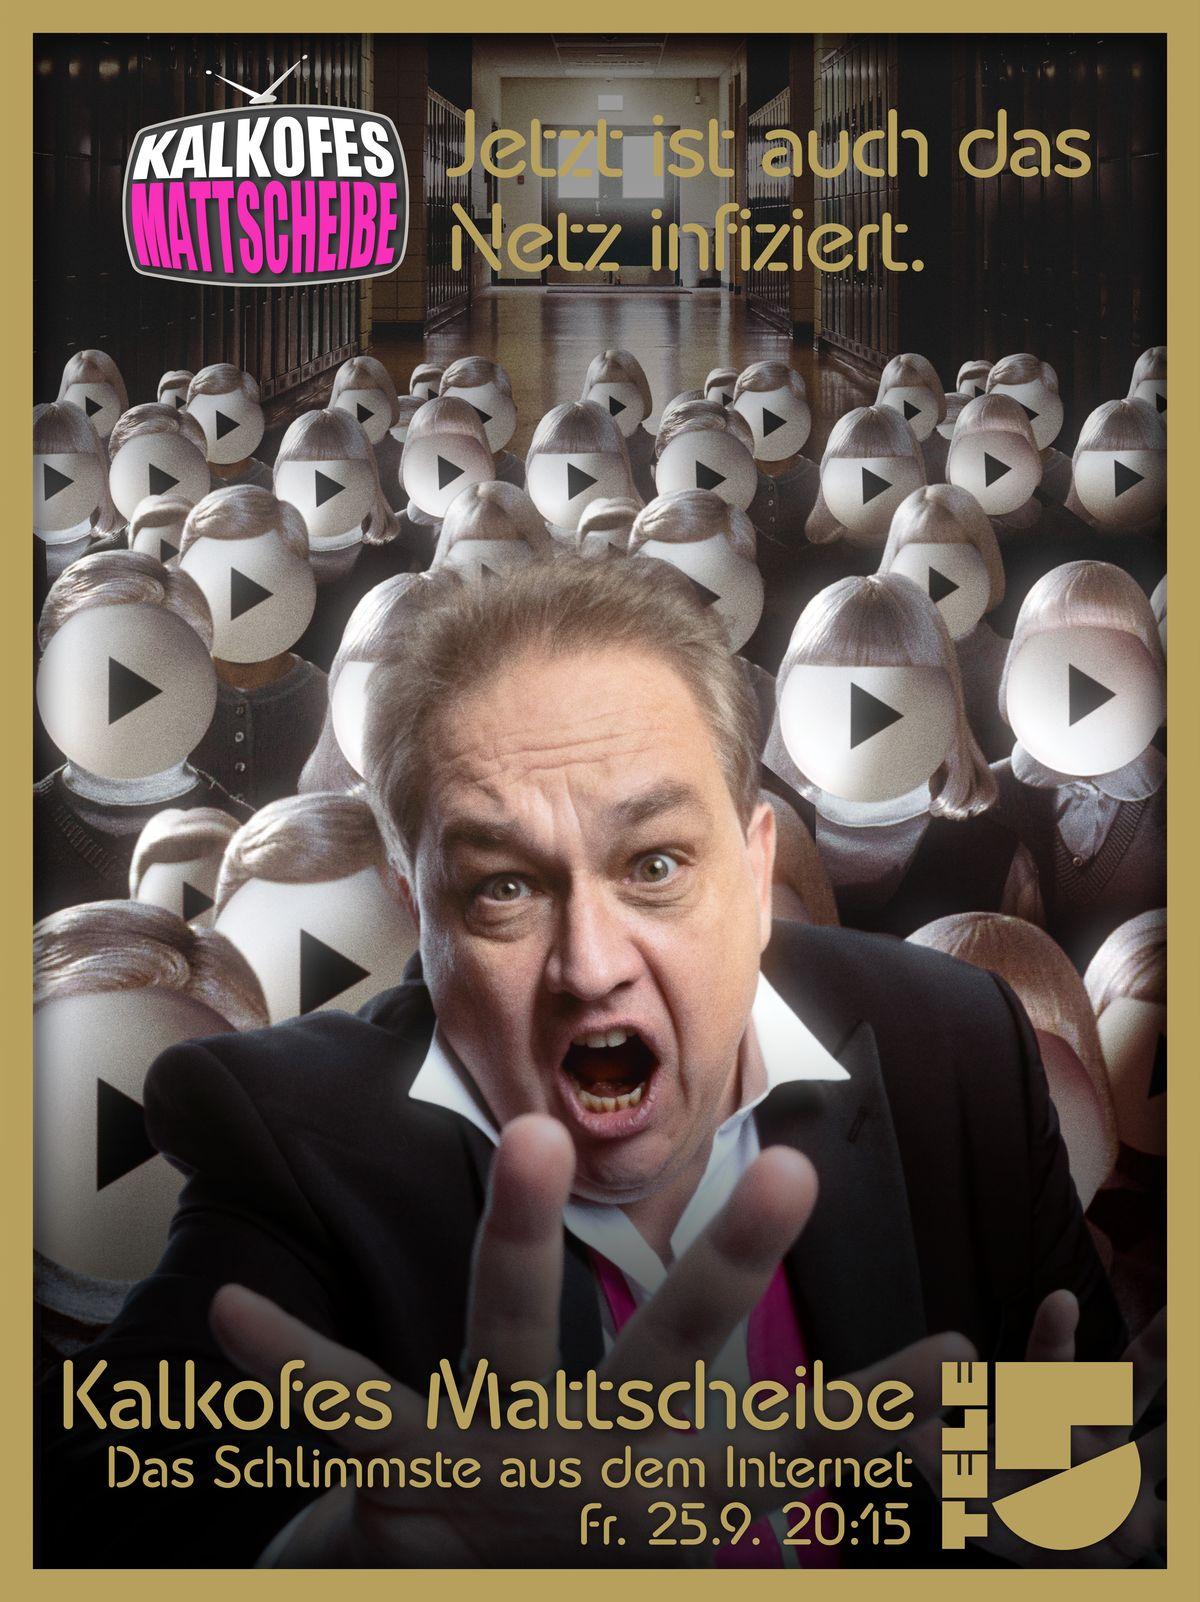 Kalkofes Mattscheibe: Das Schlimmste aus dem Internet